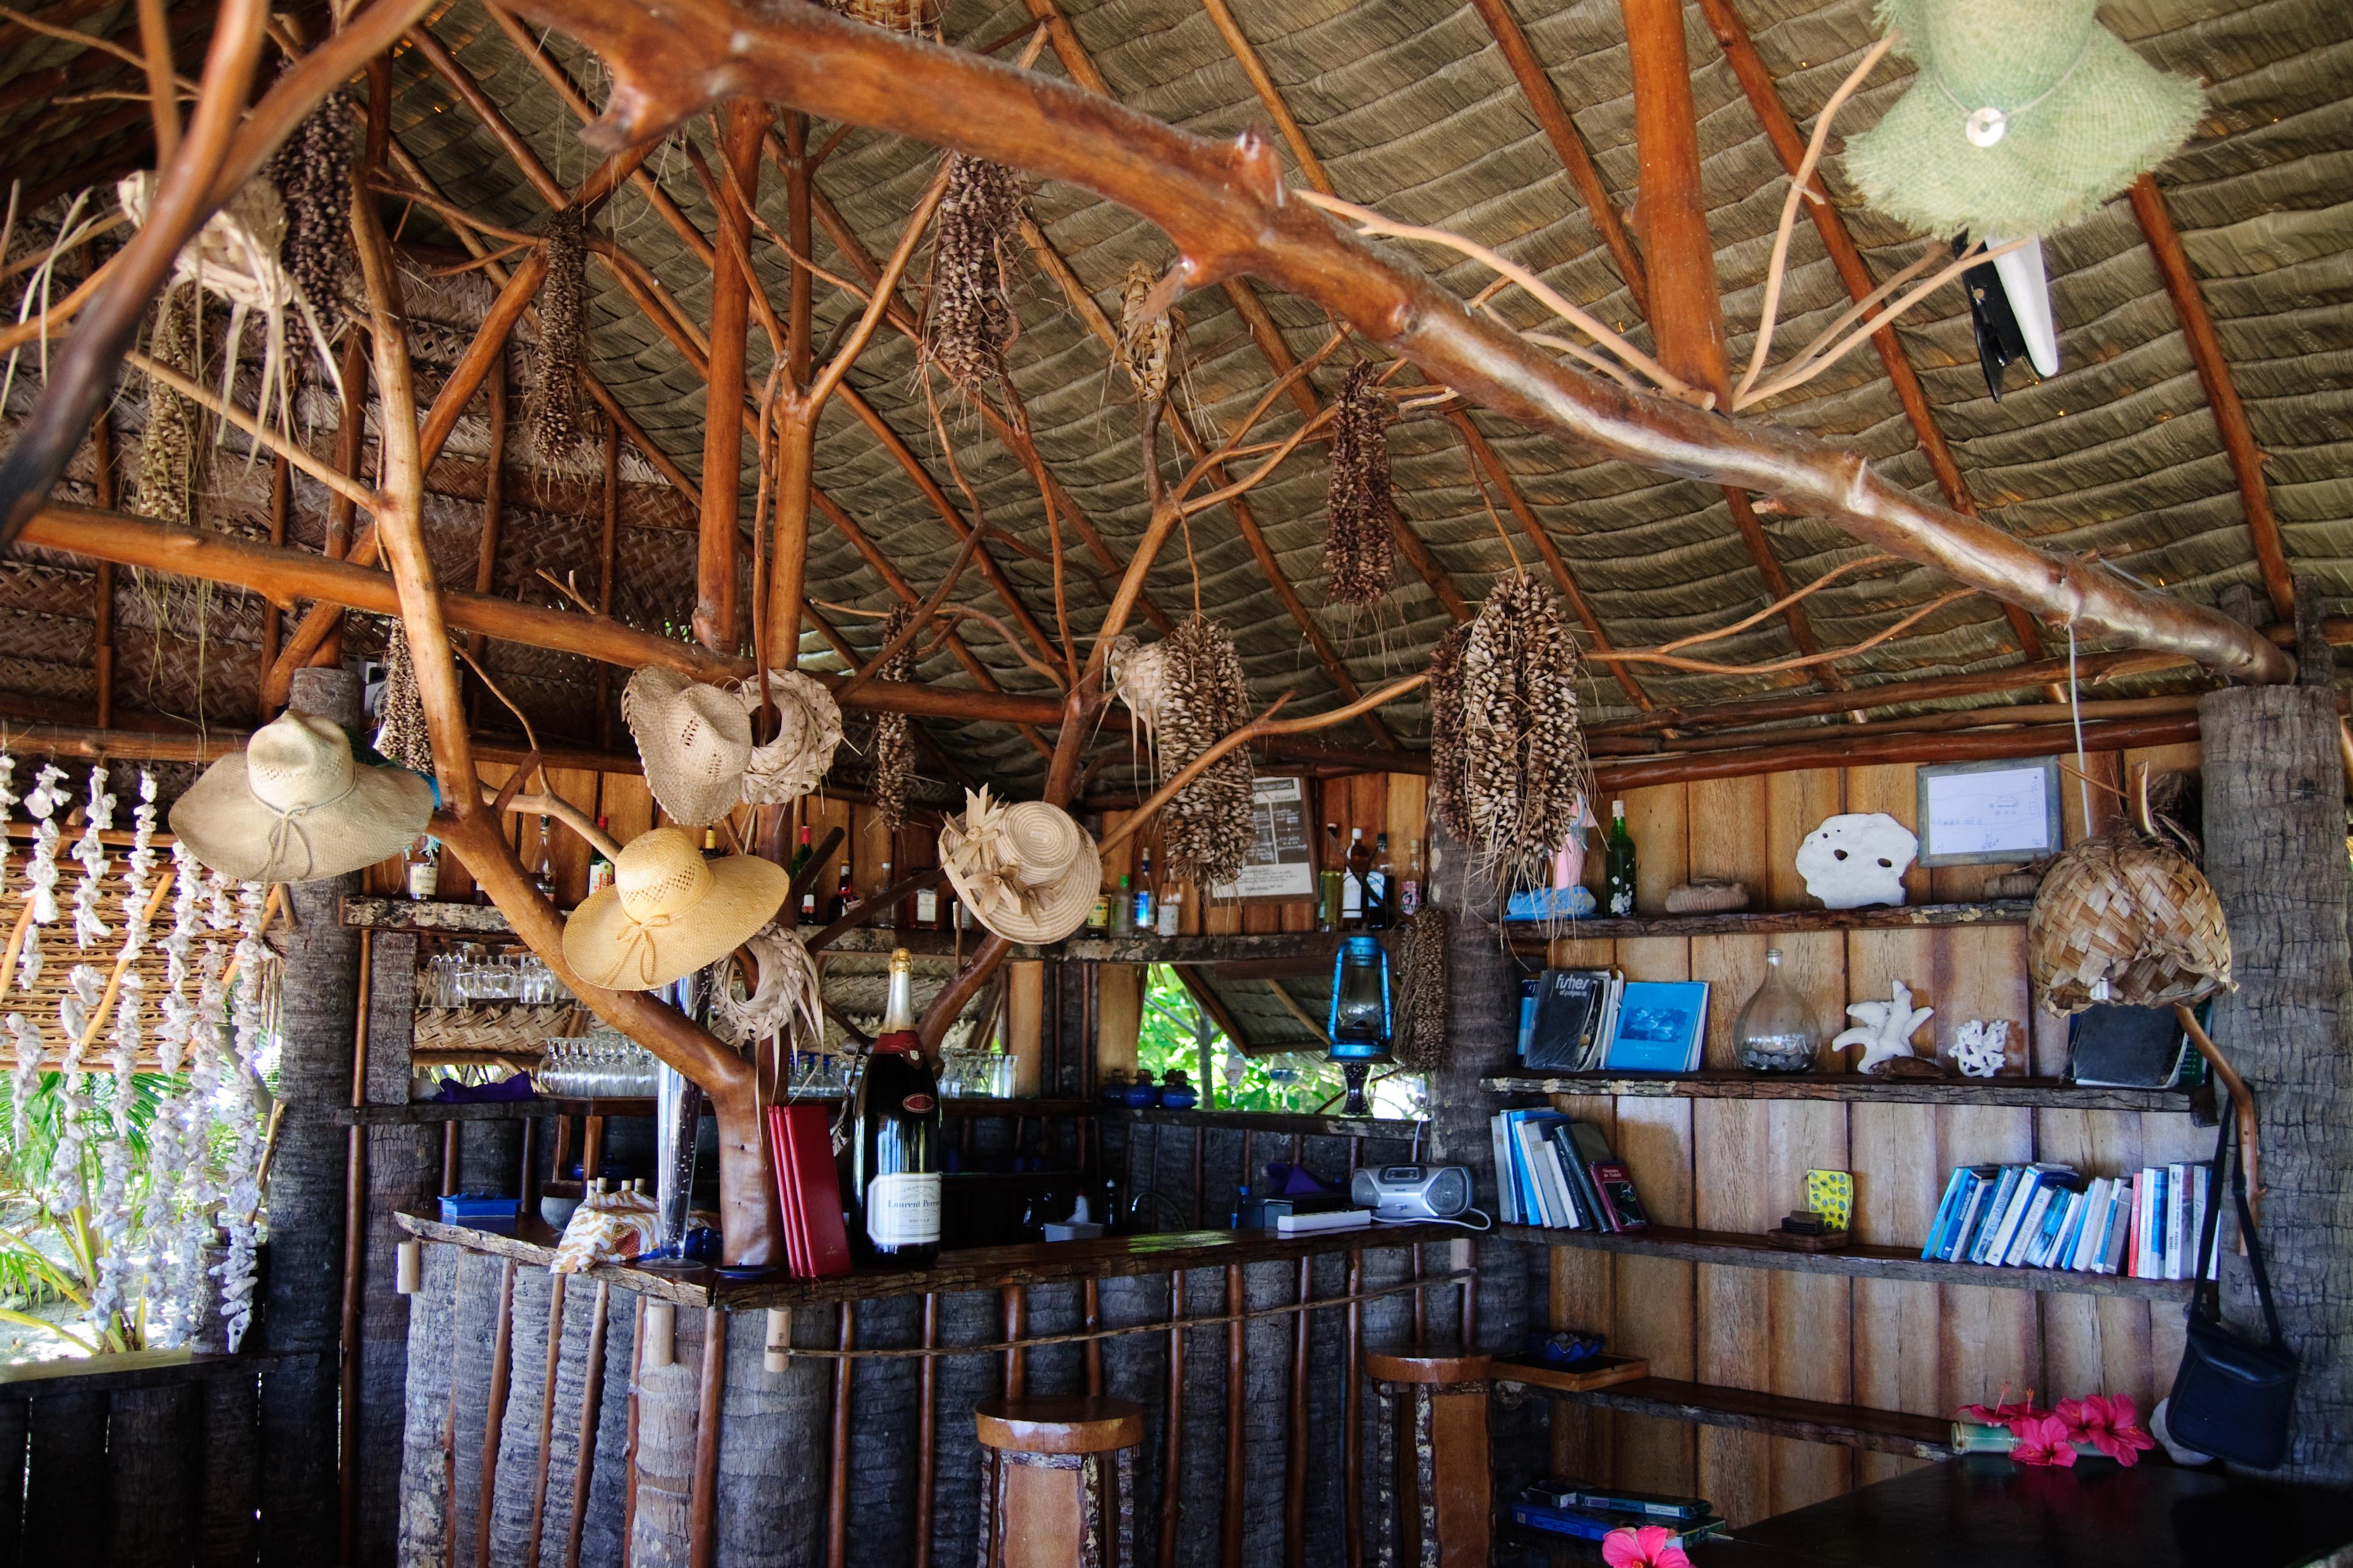 Gratis Afbeeldingen : boom, hout, restaurant, nikon, interieur ...